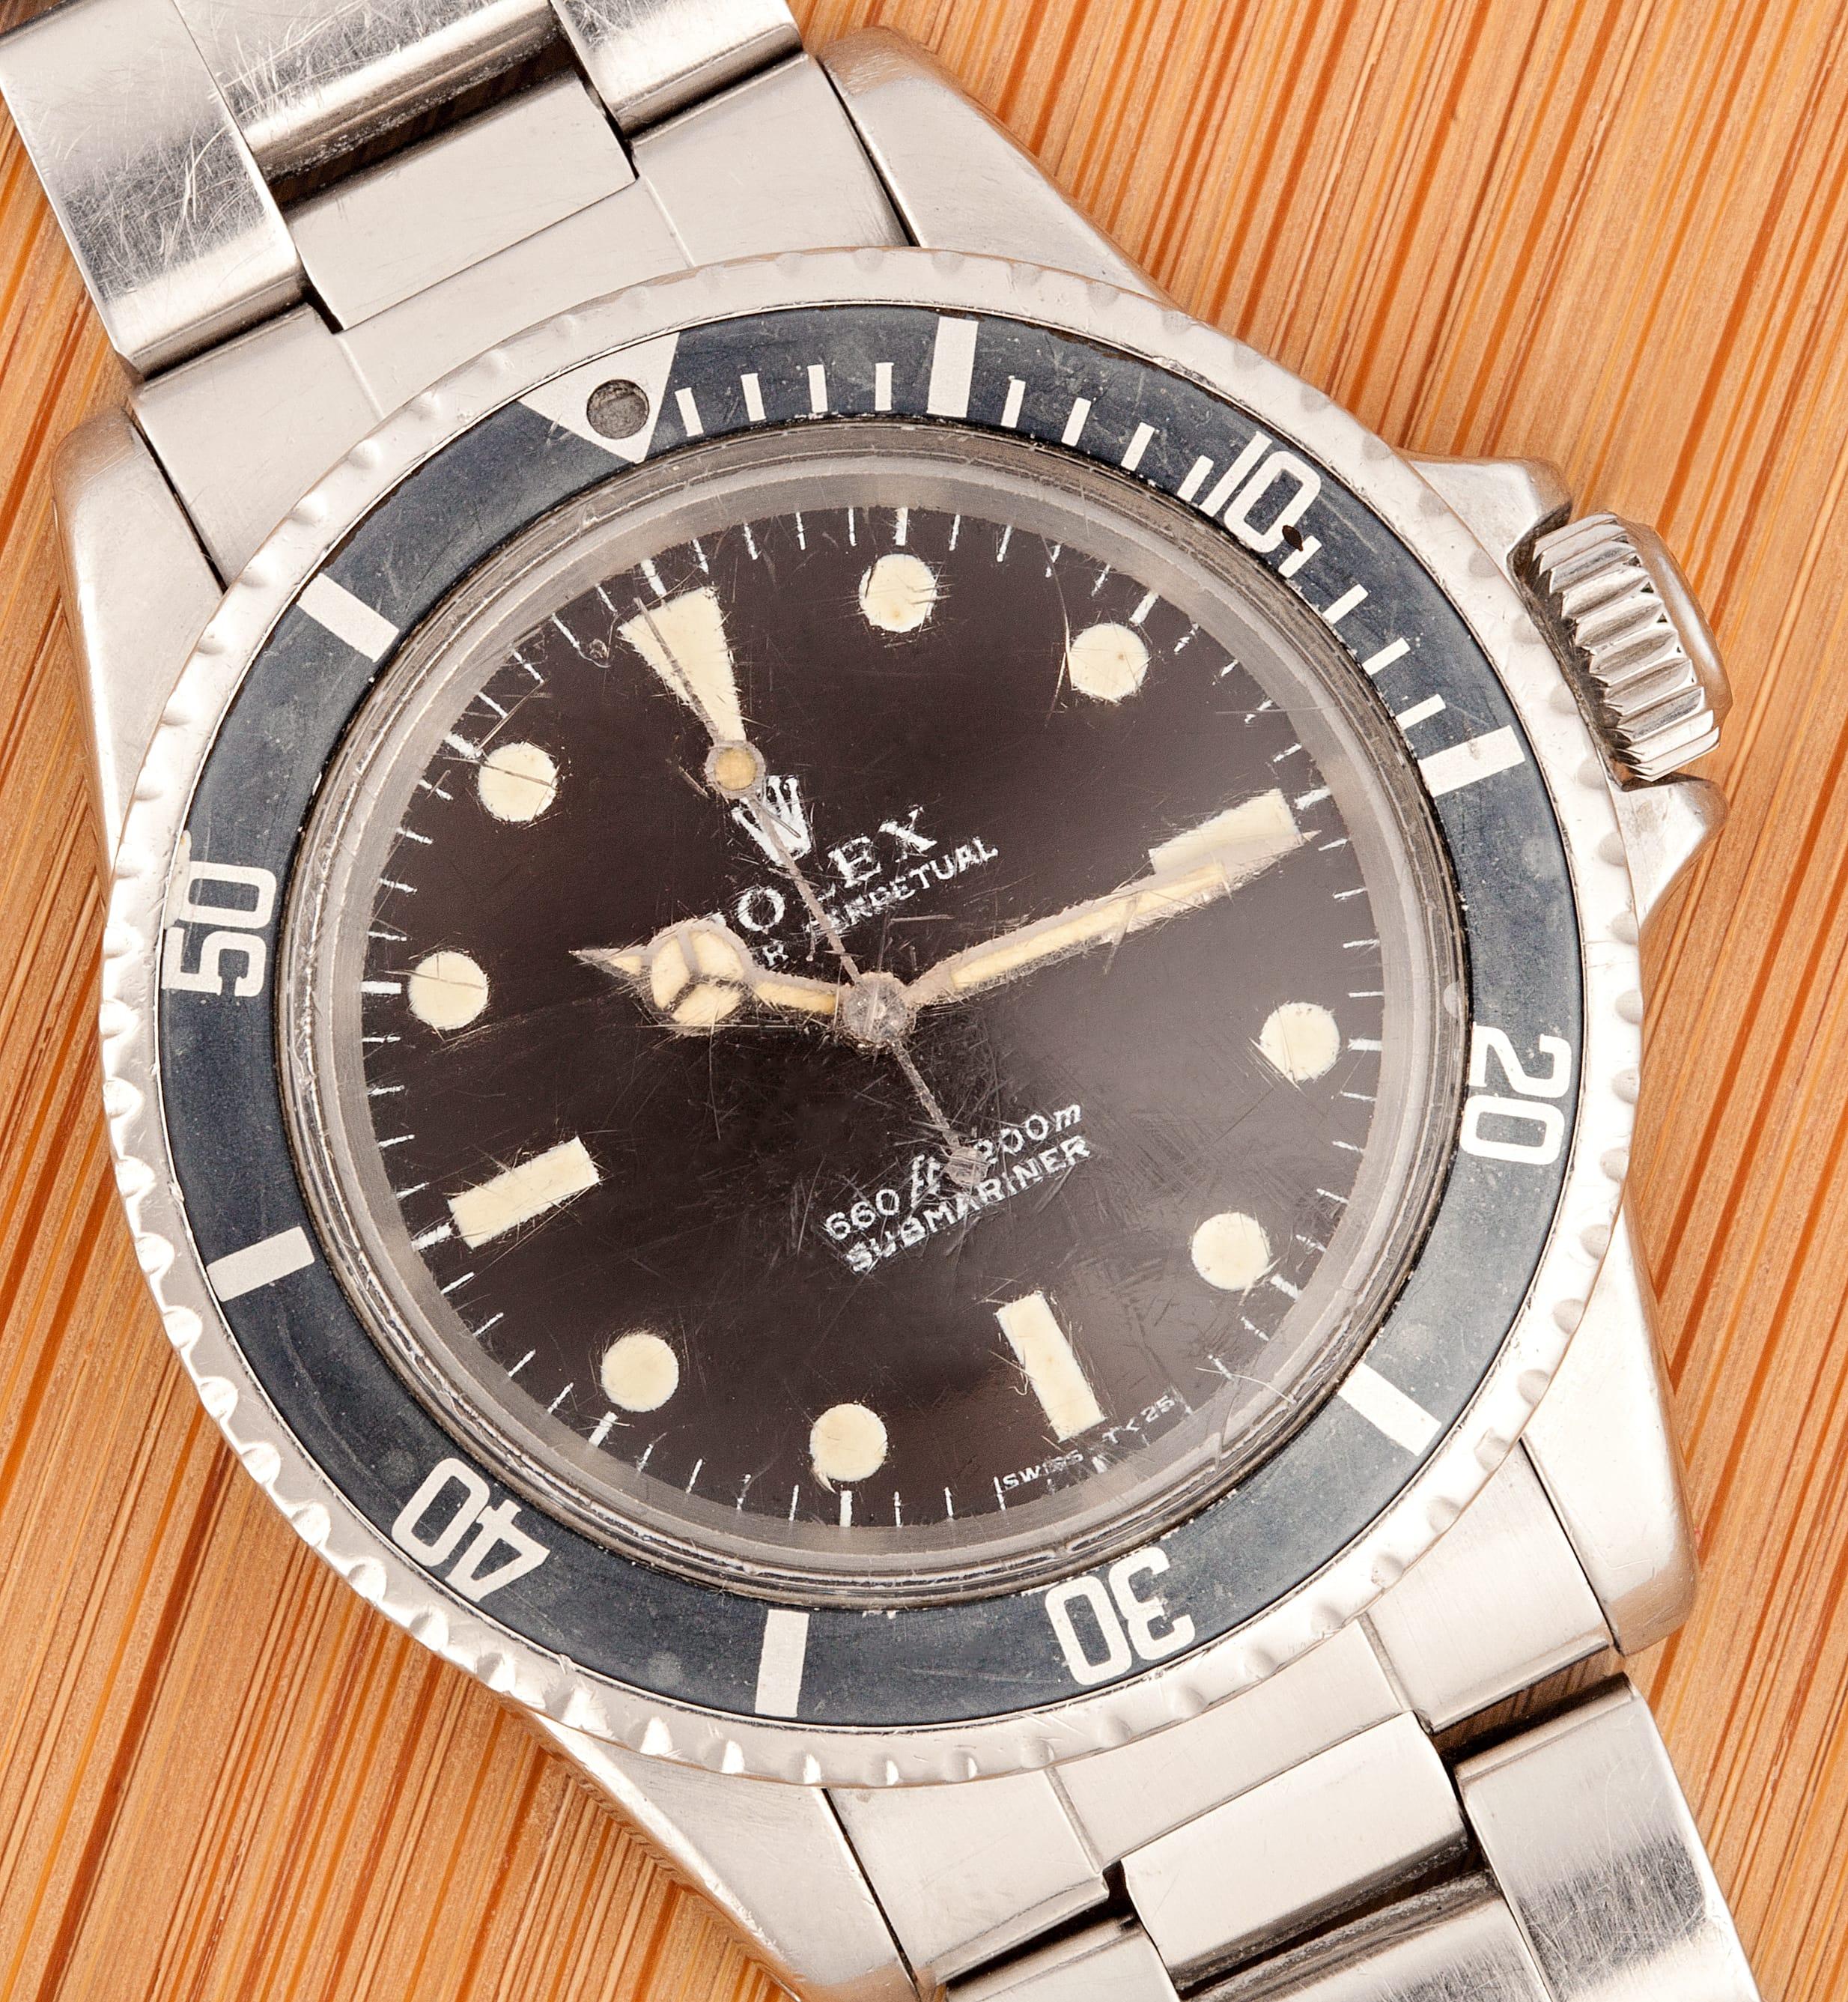 Honest Watch Rolex Submariner 5513